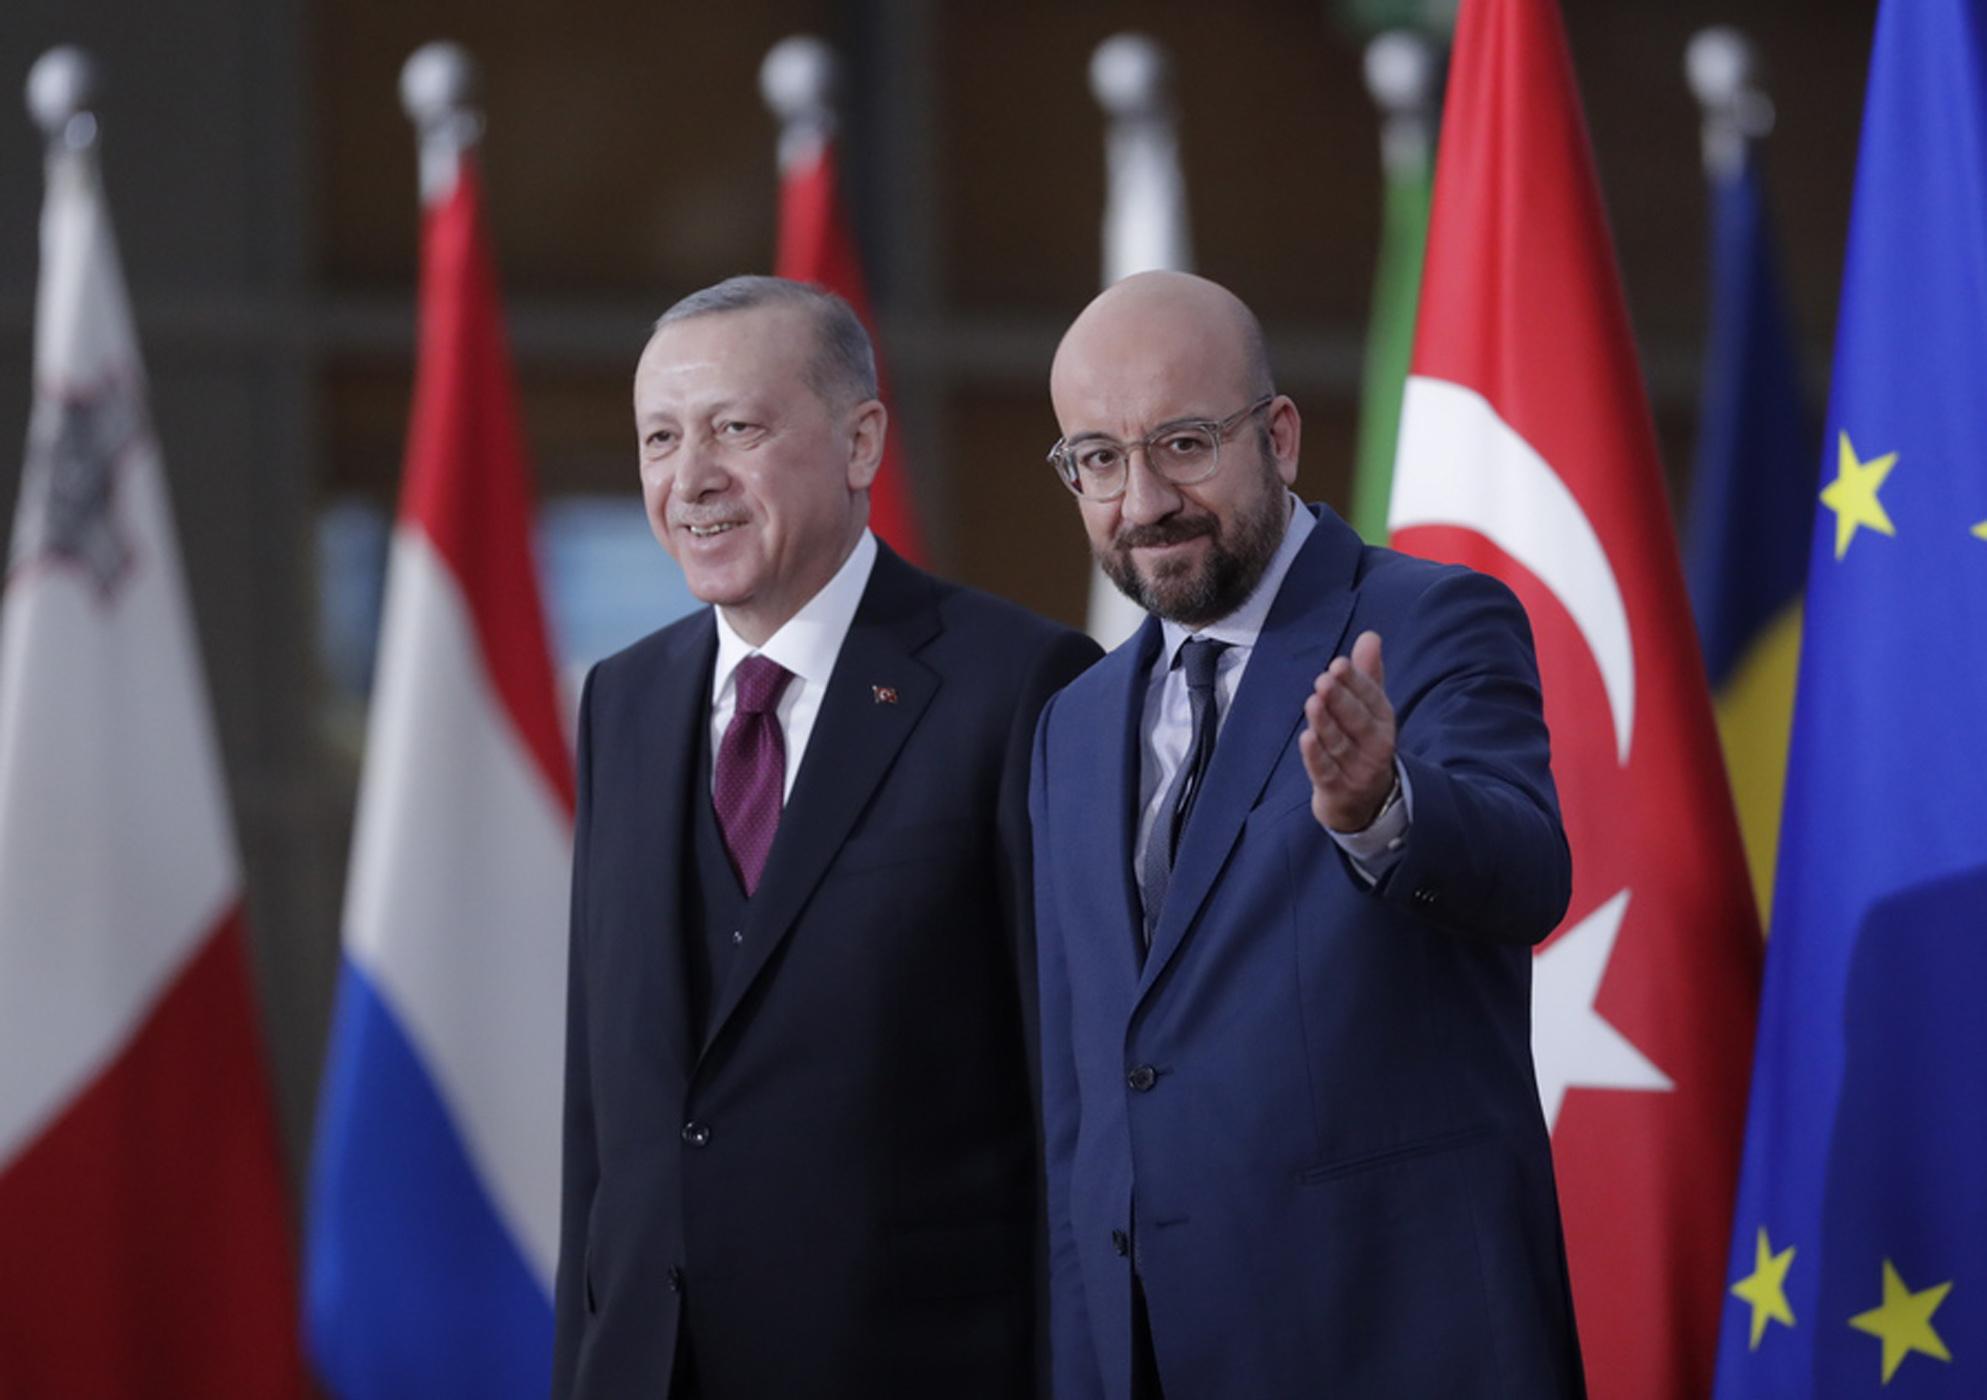 Τα είπαν τηλεφωνικά Σαρλ Μισέλ και Ερντογάν – Τι συζητήθηκε